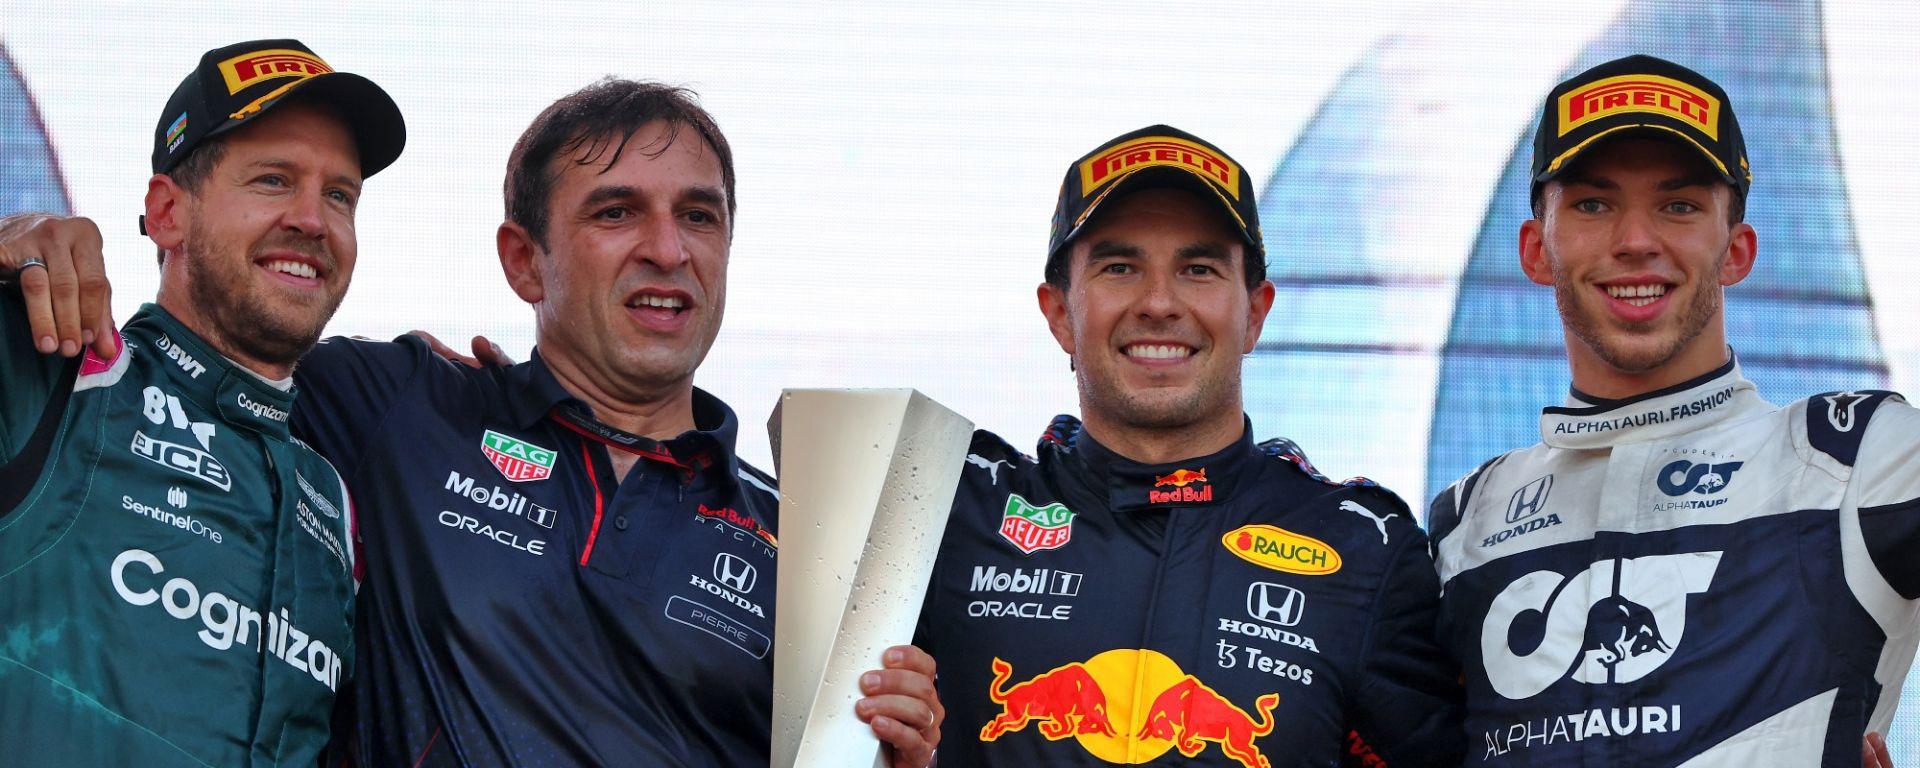 F1 GP Azerbaijan 2021, Baku: il podio con Sebastian Vettel (Aston Martin), Sergio Perez (Red Bull) e Pierre Gasly (AlphaTauri)